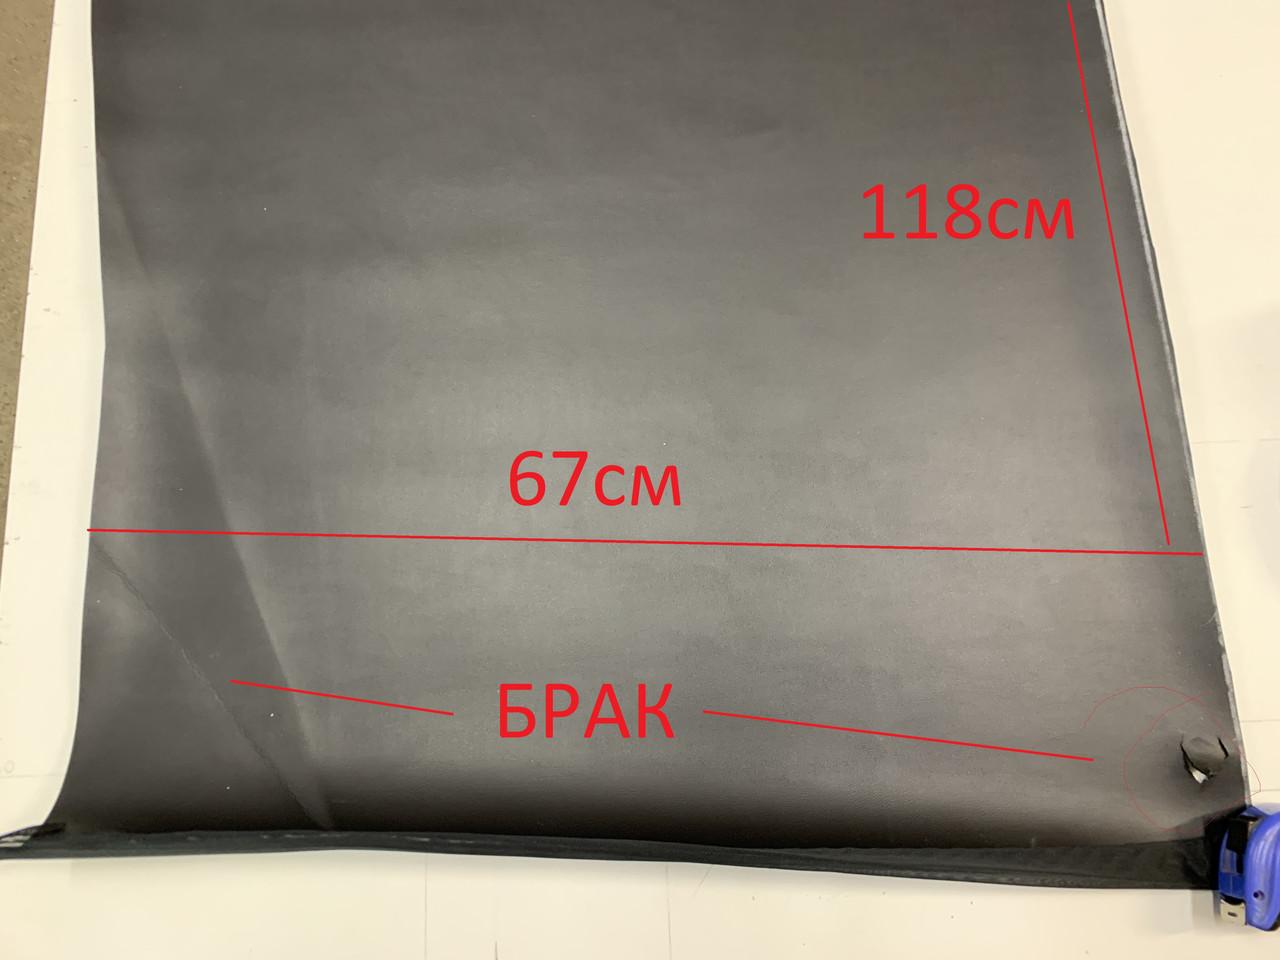 Термовинил tk-3 чорний (шматок 50х140см) для перетяжки керма, дверних карт, панелей на каучуковій основі